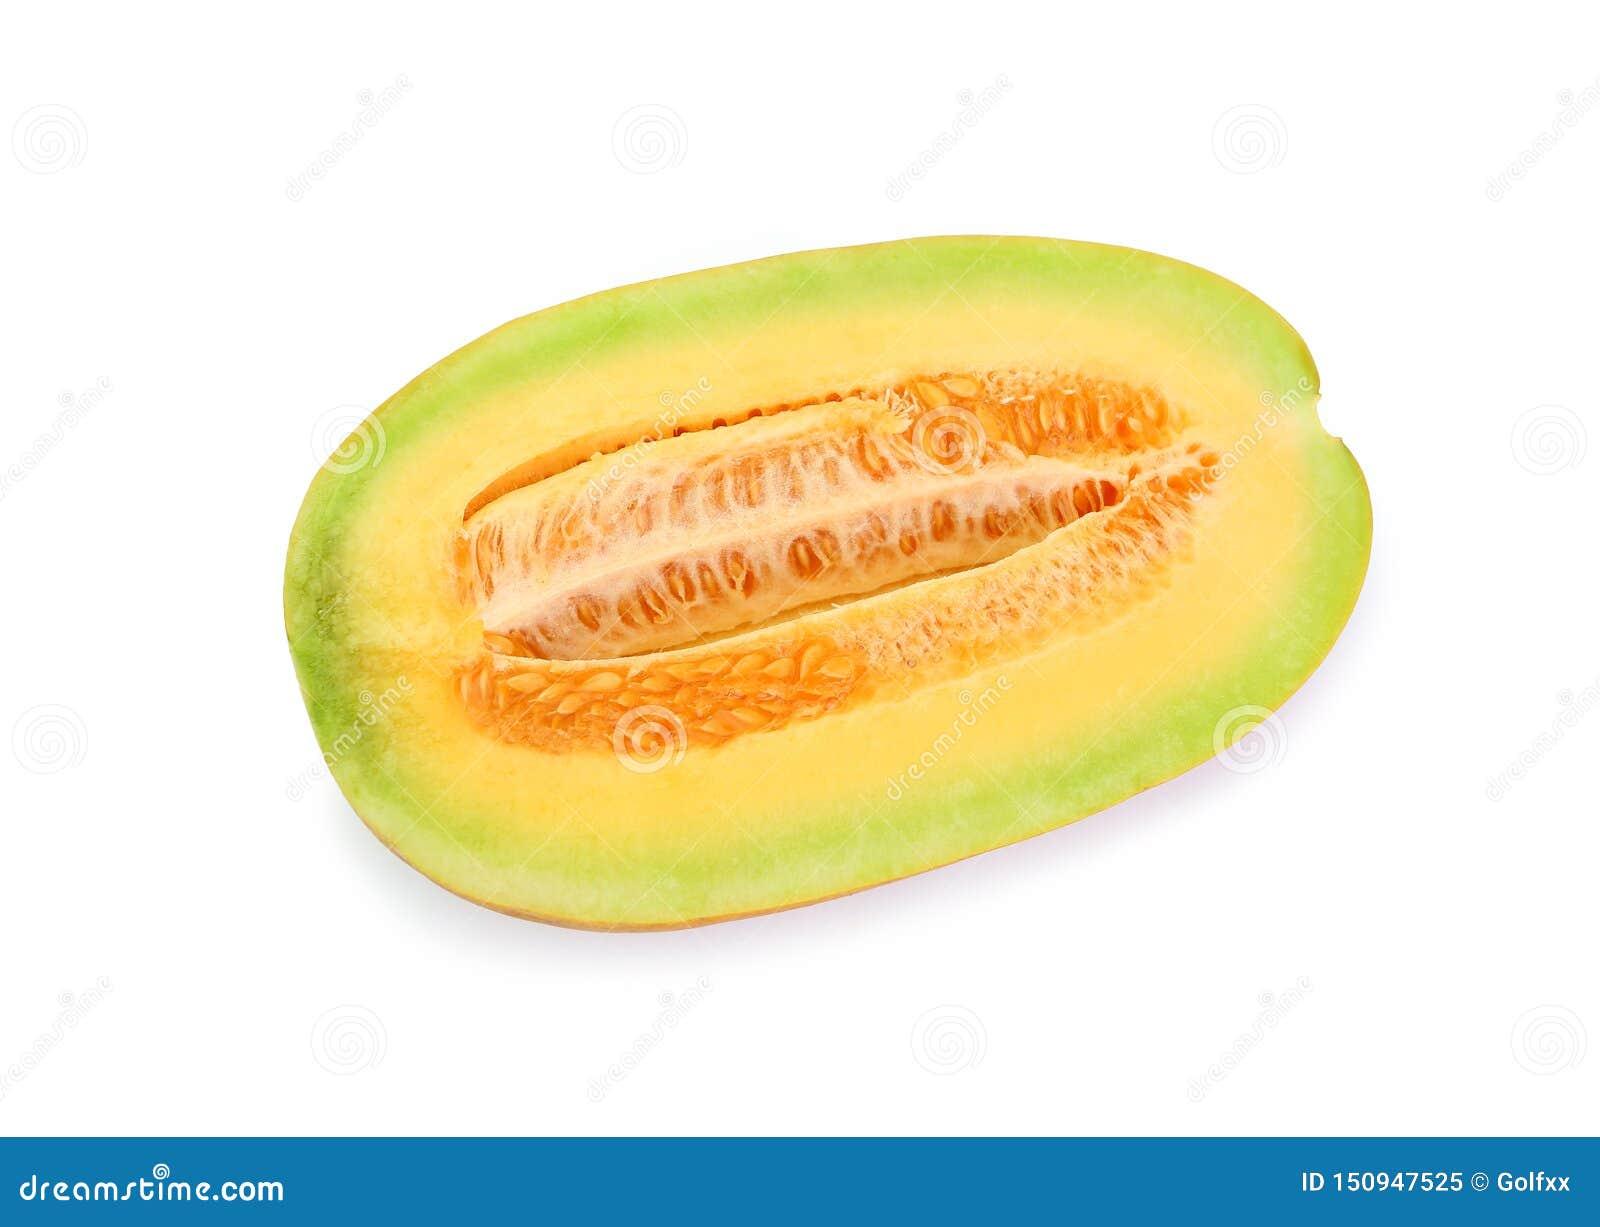 Corte do melão do cantalupo ao meio que olha saudável e delicioso, isolado no fundo branco